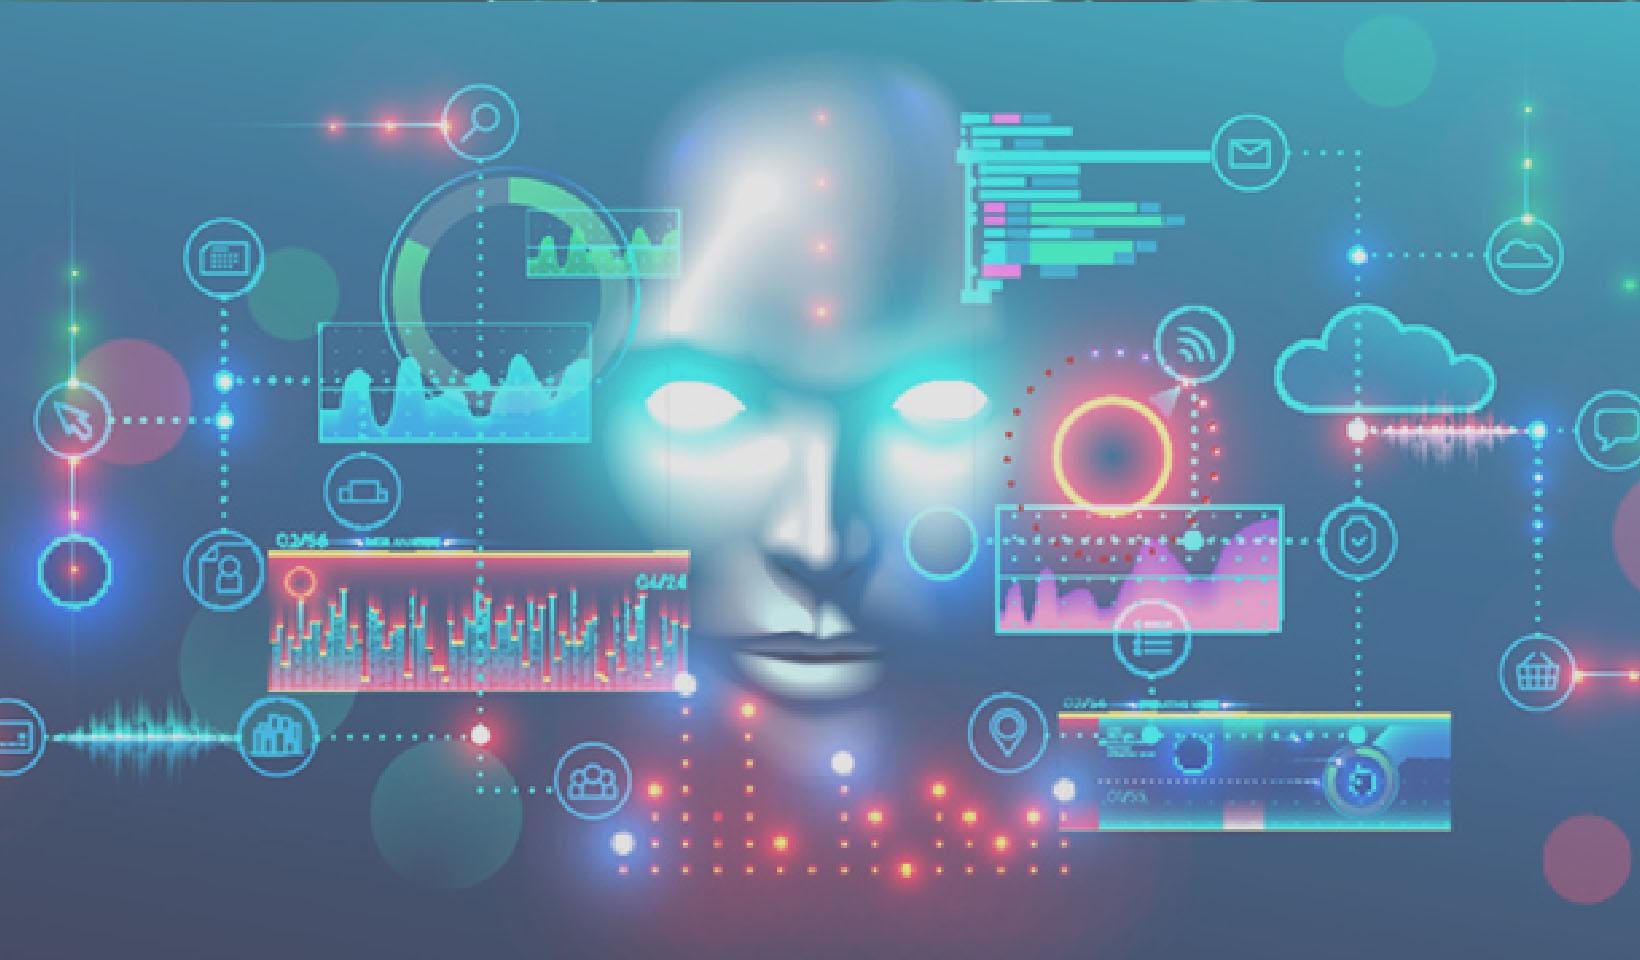 nesnelerin interneti, iot nedir, nesnelerin interneti nedir, ıot nedir, internet of things nedir, nesnelerin interneti örnekleri, iot örnekleri, ıot örnekleri